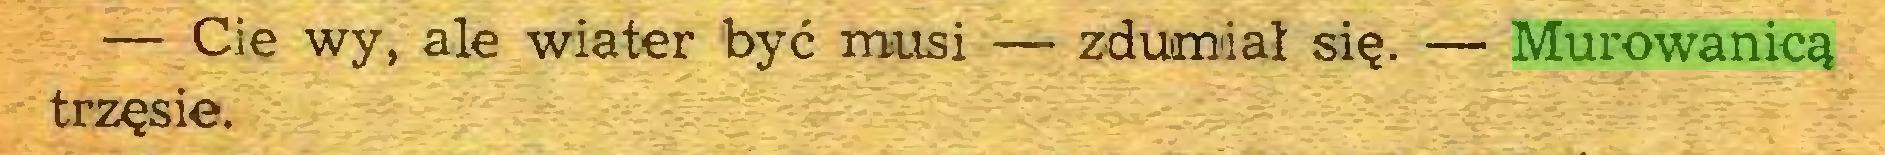 (...) — Cie wy, ale wiater być musi — zdumiał się. — Murowanicą trzęsie...